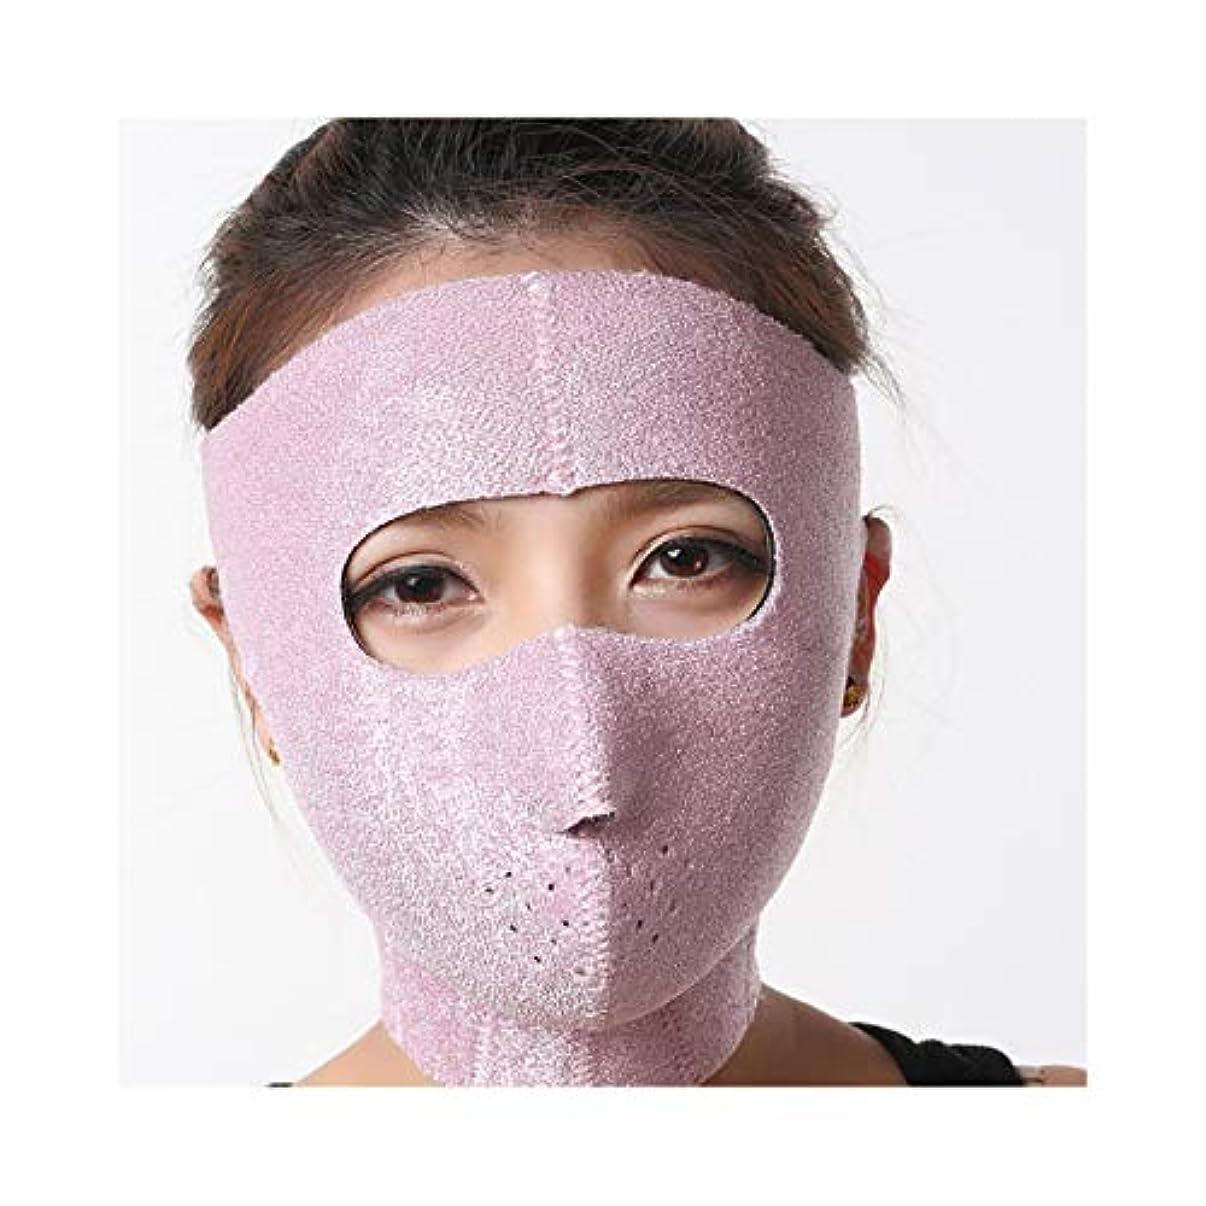 アイスクリーム終わらせる心配LJK 痩身ベルト、フェイシャルマスク薄いフェイスマスク睡眠薄い顔マスク薄い顔包帯薄い顔アーティファクト薄い顔の顔の持ち上がる薄い顔小さいV顔睡眠薄い顔ベルト